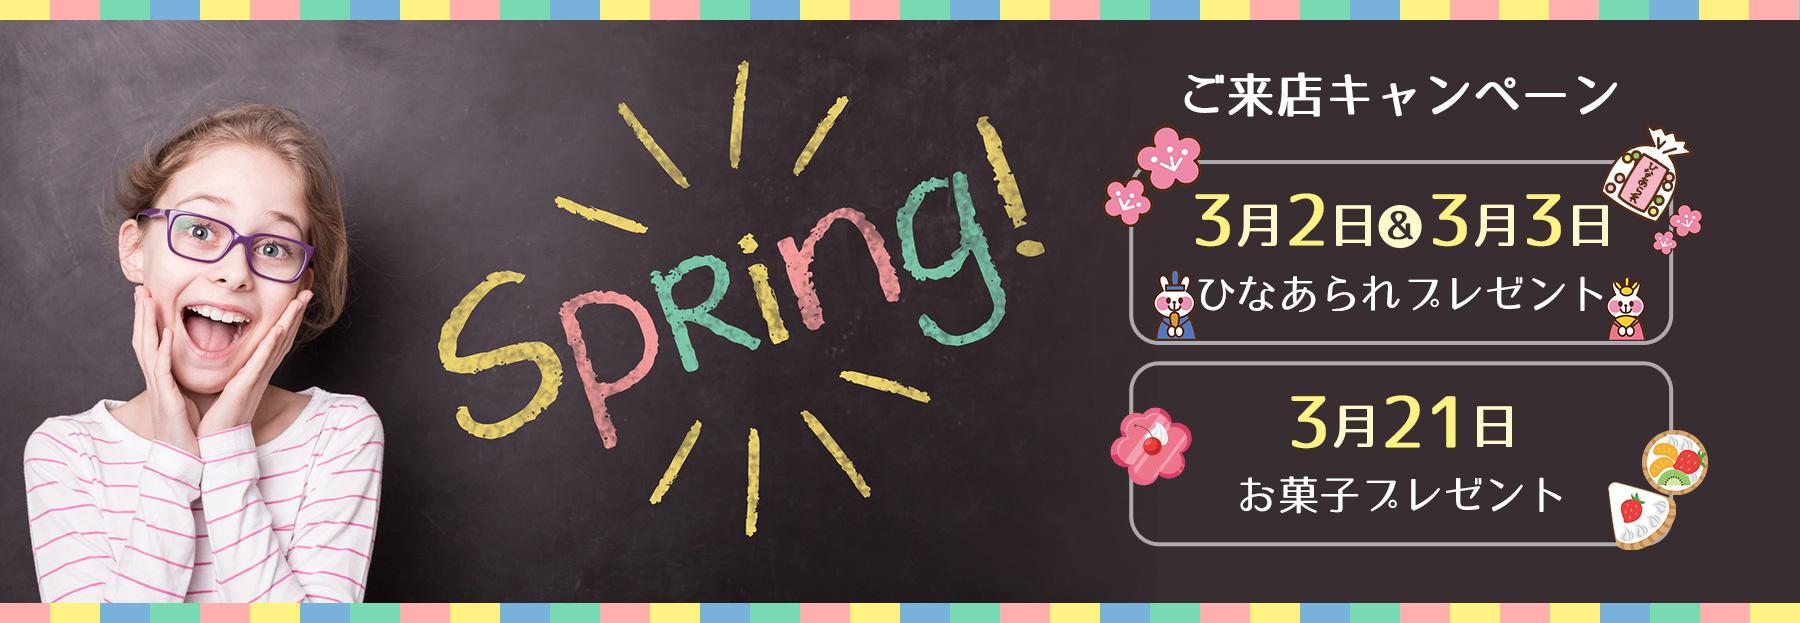 春のご来店キャンペーン